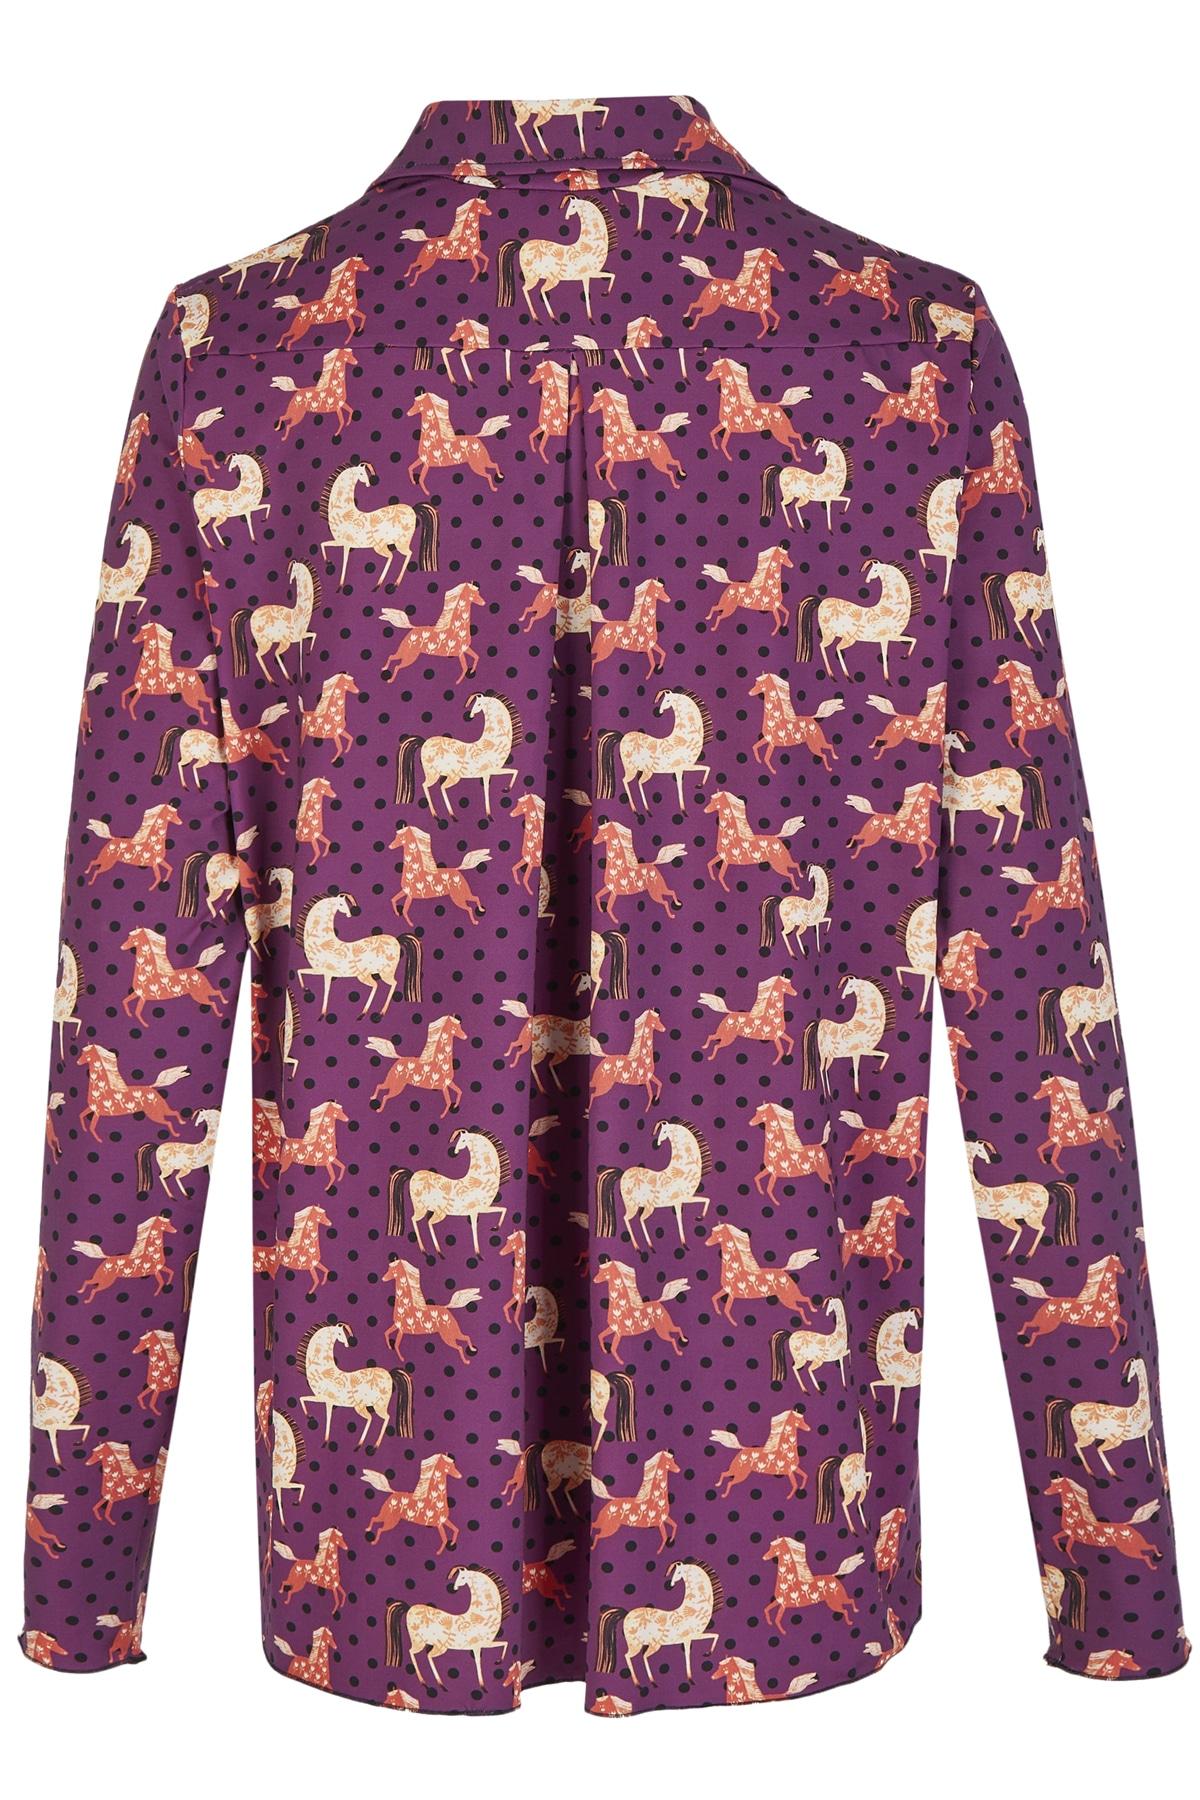 Bluse_Nowa_horses_lila_2